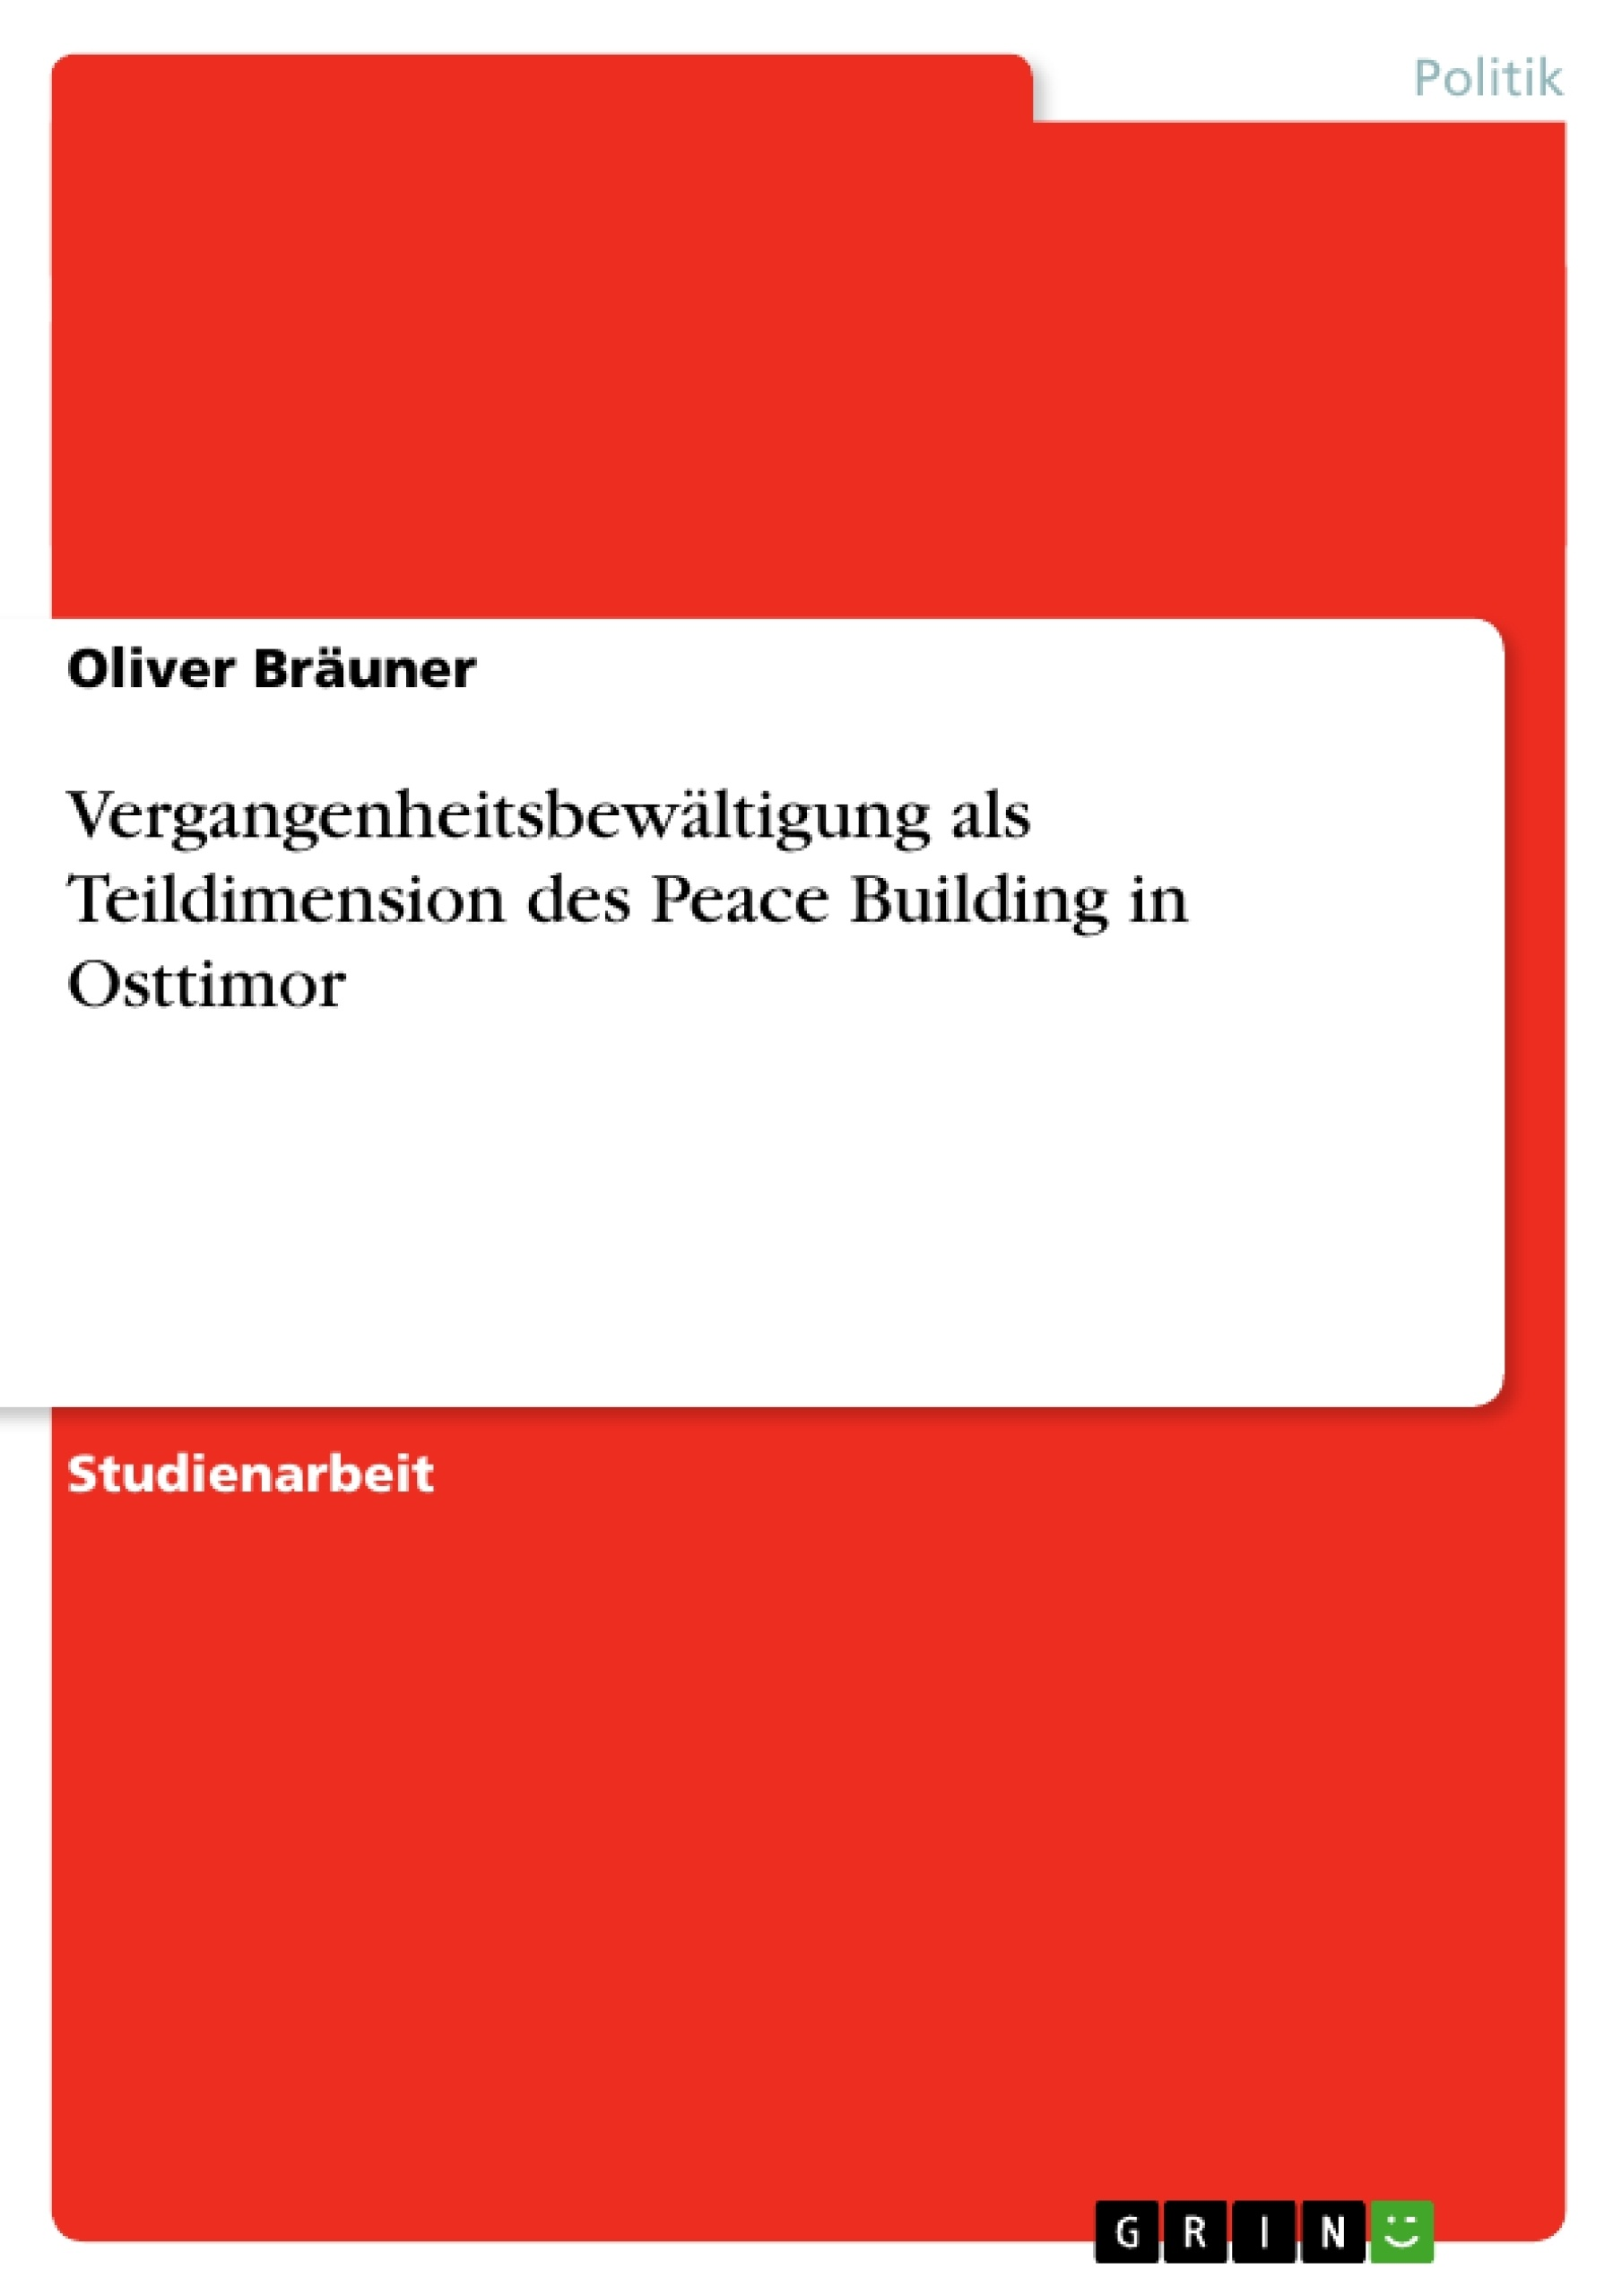 Titel: Vergangenheitsbewältigung als Teildimension des Peace Building in Osttimor